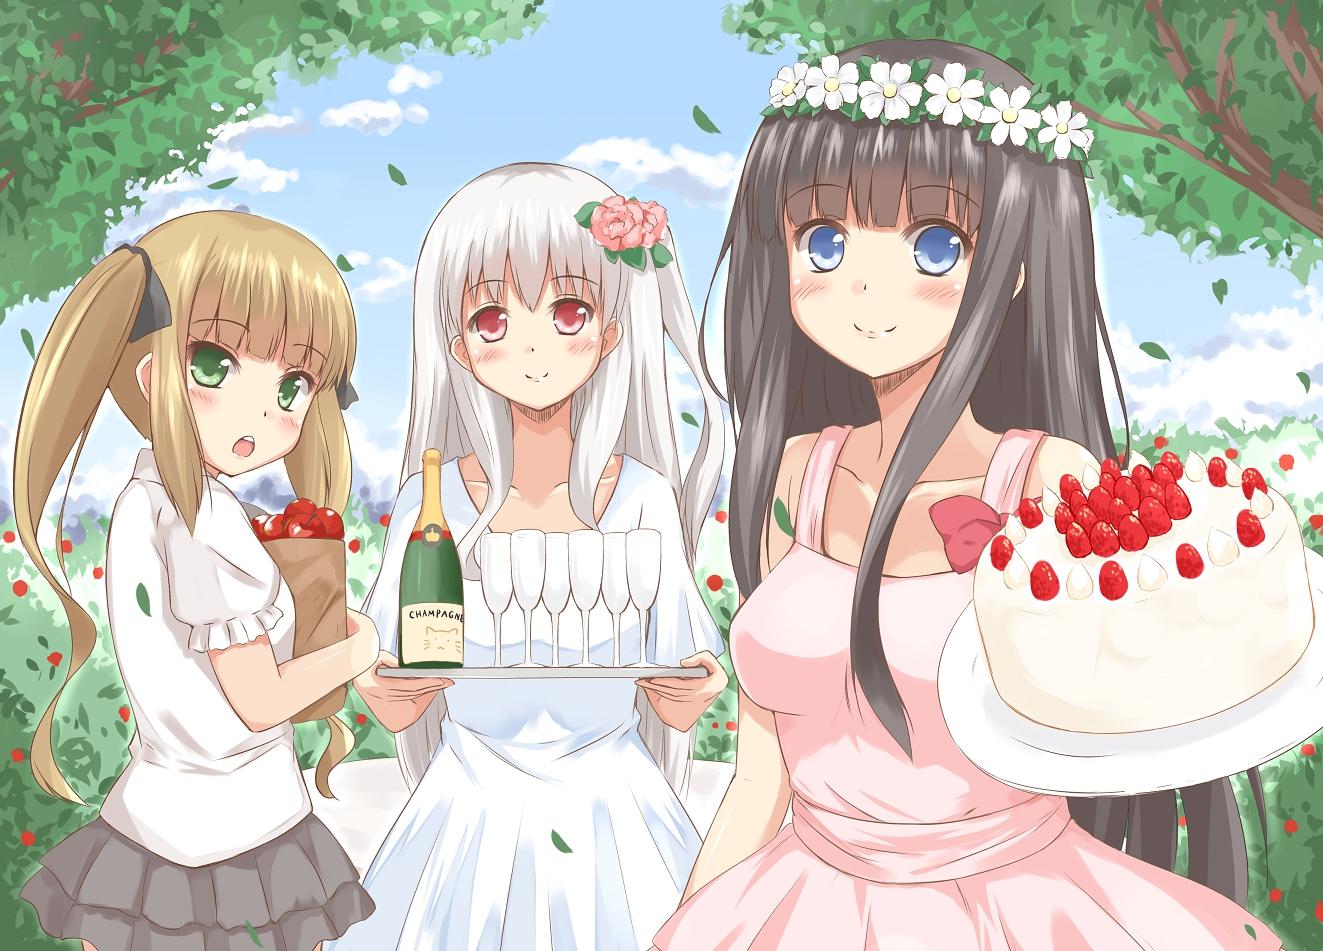 Chaa Korone Ze Image 1426148 Zerochan Anime Image Board